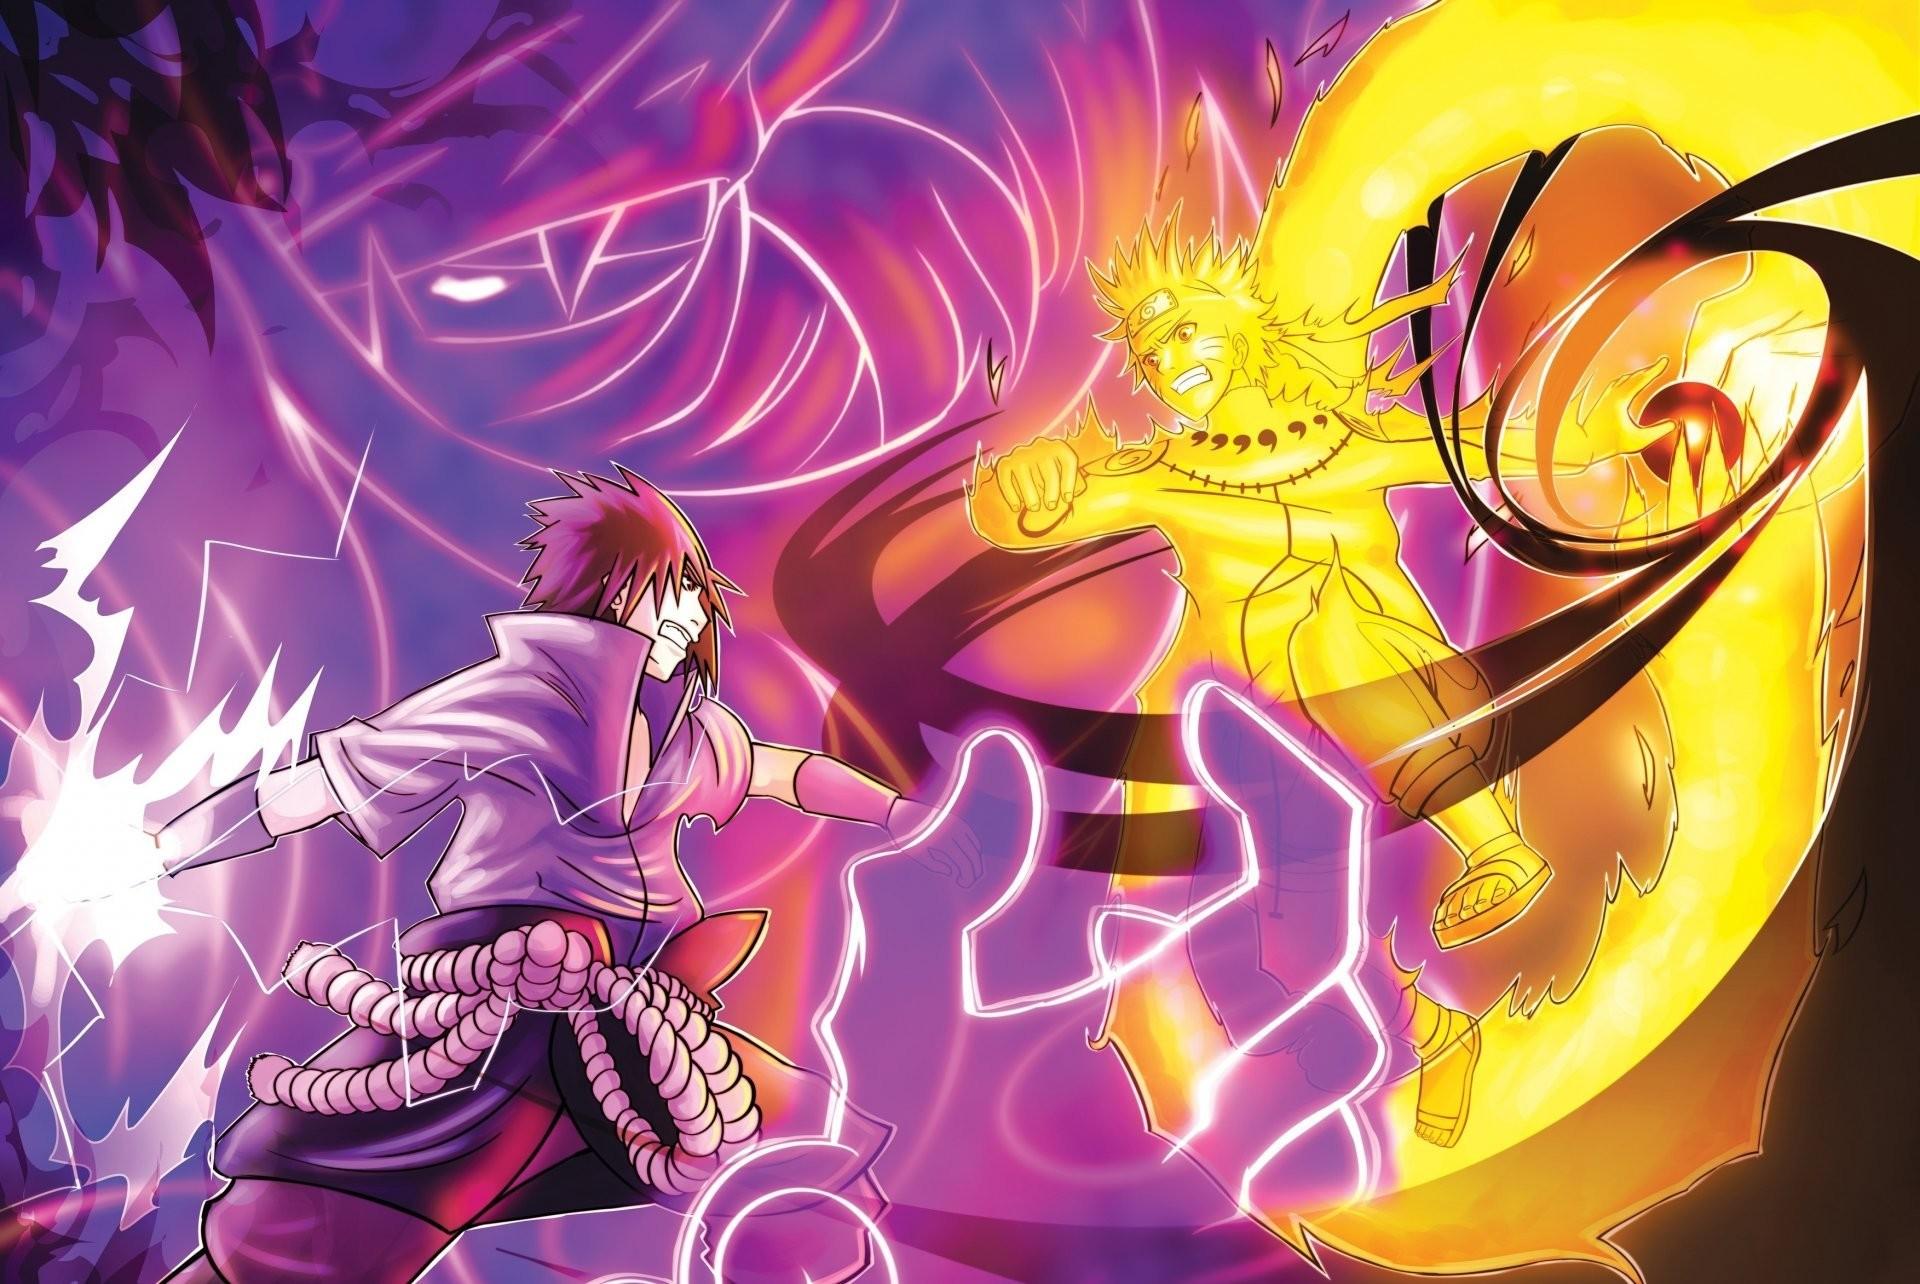 naruto shippuden uzumaki naruto uchiha sasuke ninja shinobi genin nukenin  uchiha naruto hitayate logo konohagakure no